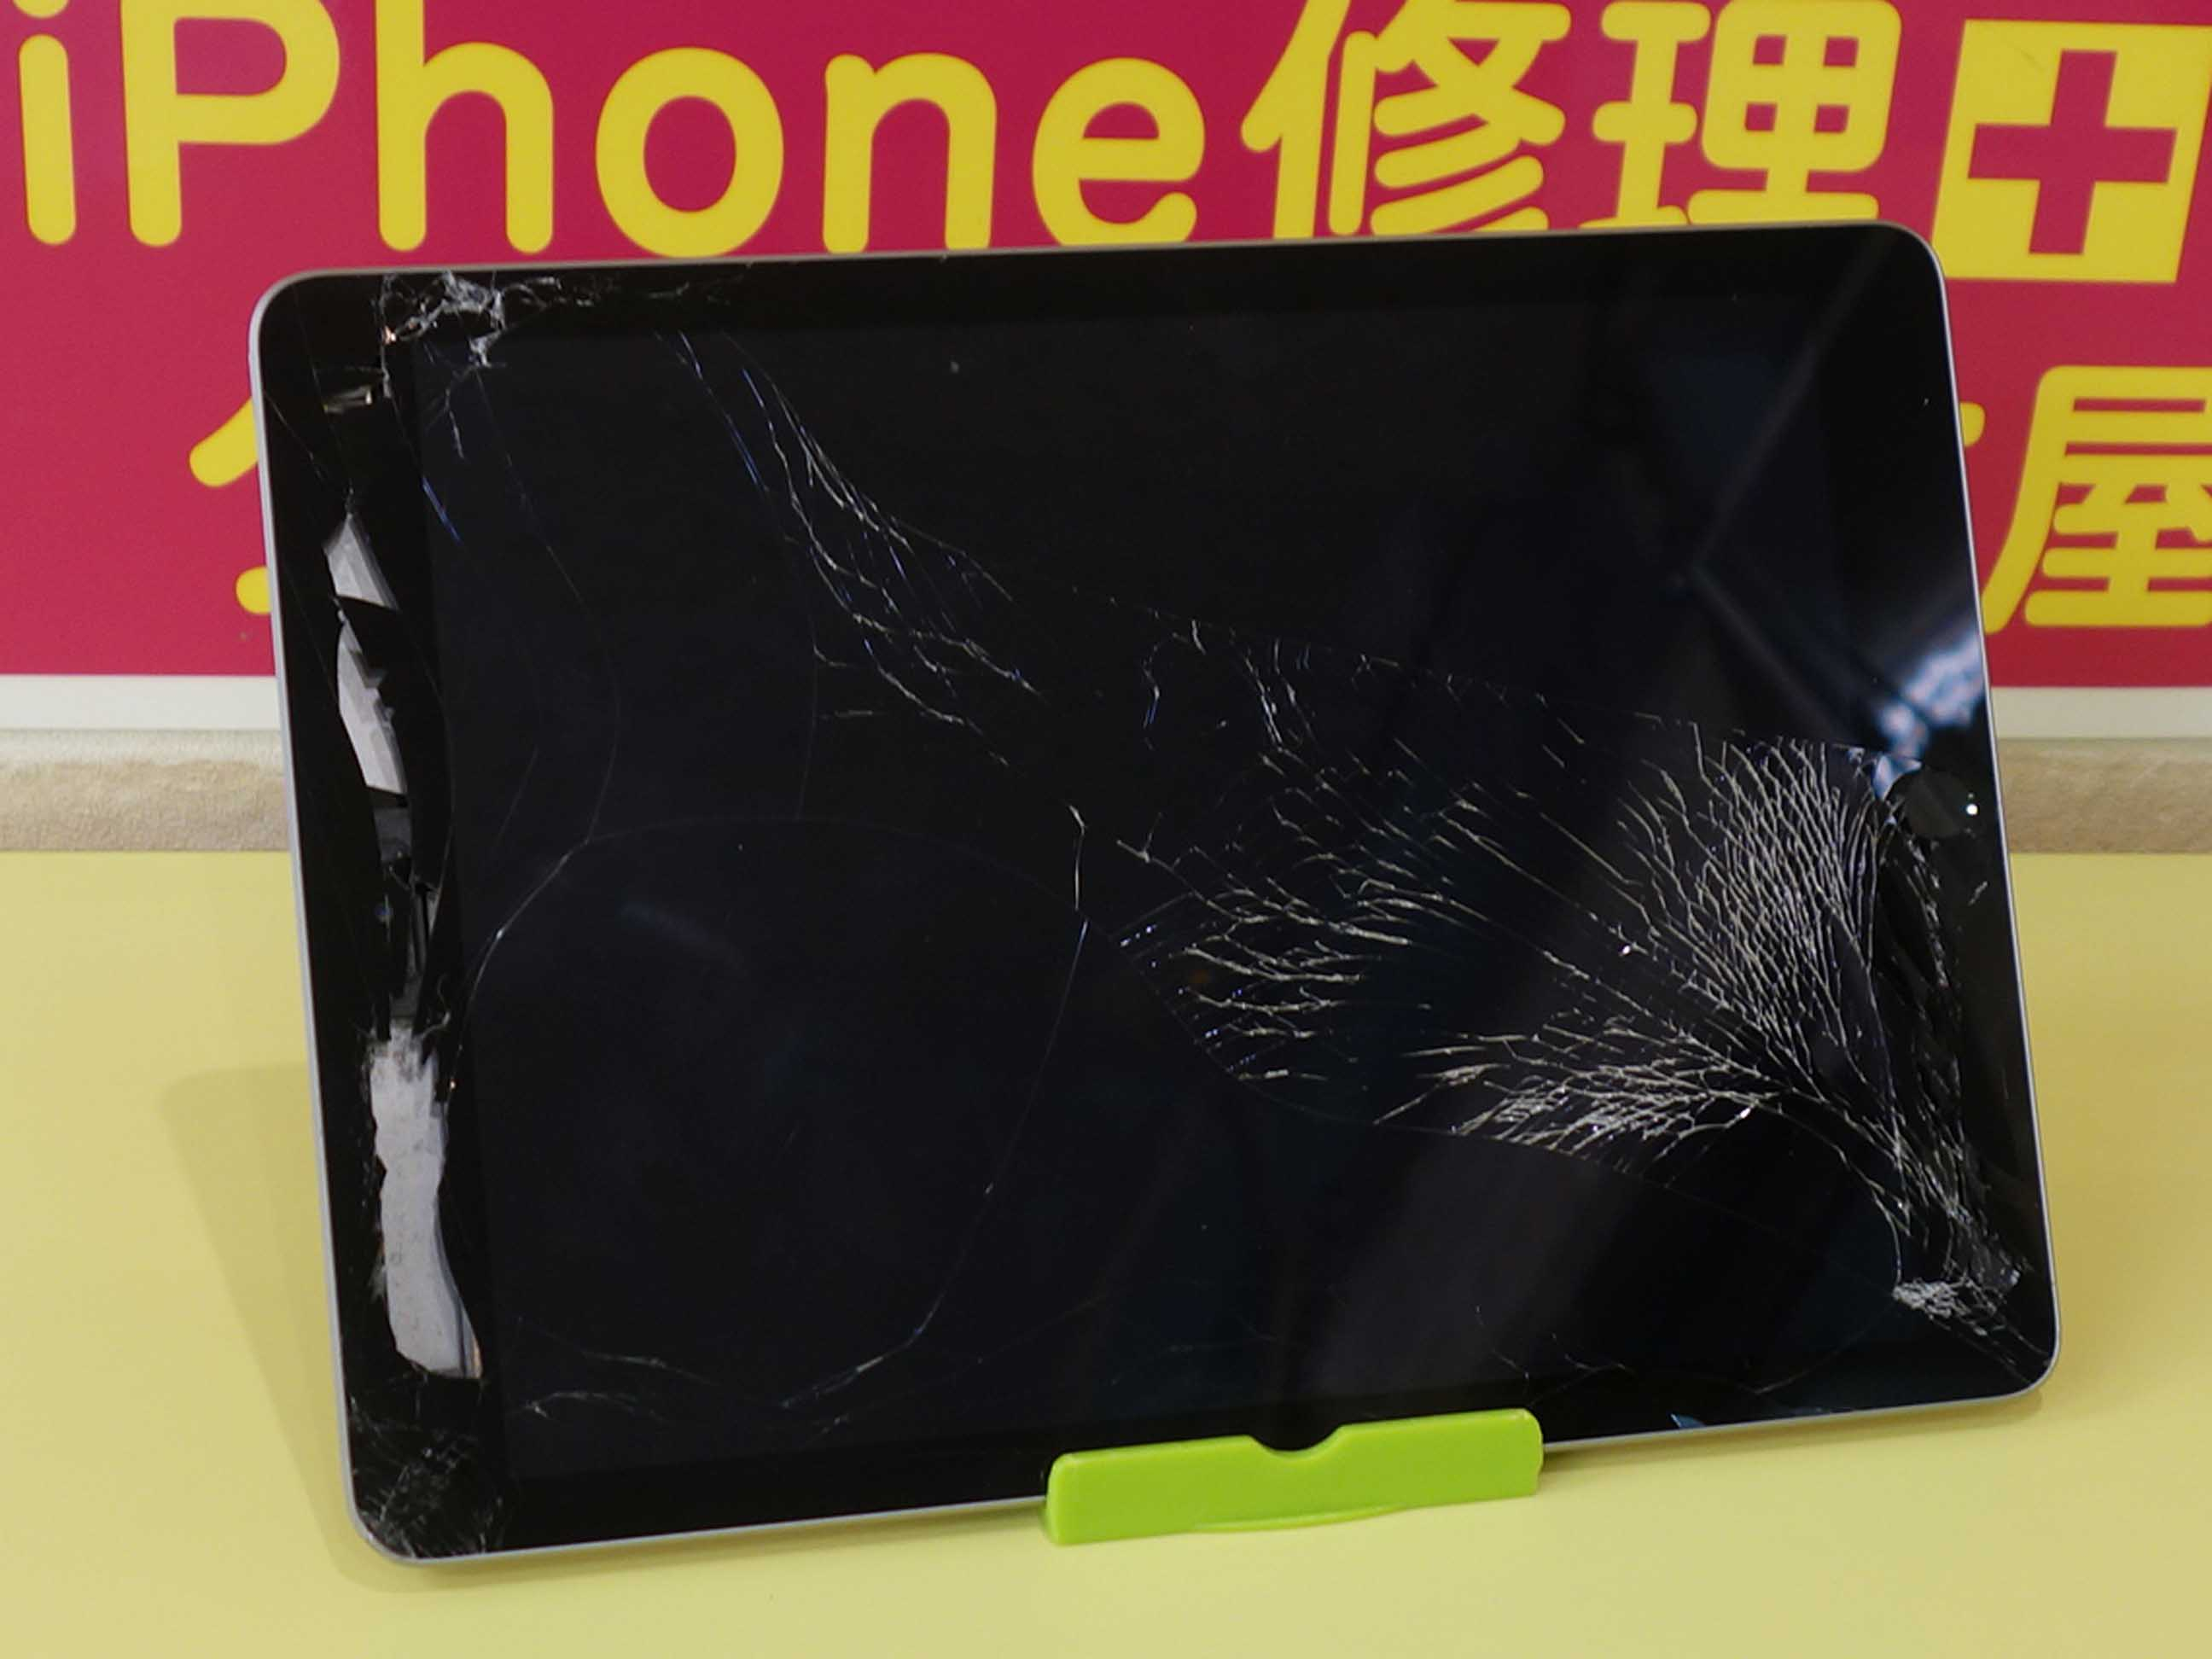 落として割れたiPad5の修理に名古屋市内よりご来店!アイフォン修理のクイック名古屋